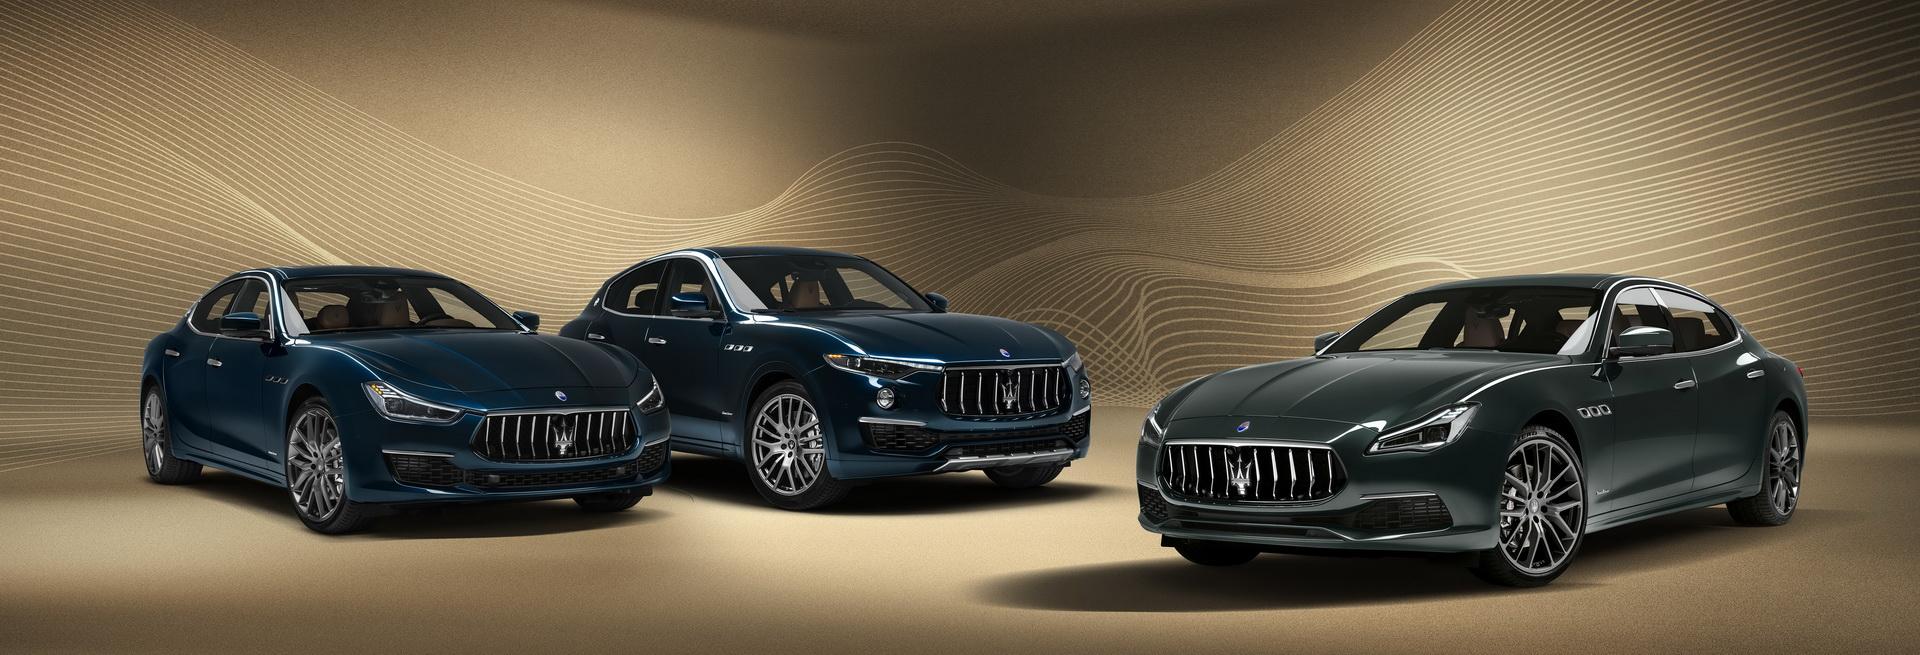 Maserati-Quattroporte-Ghibli-Levante-Royale-02